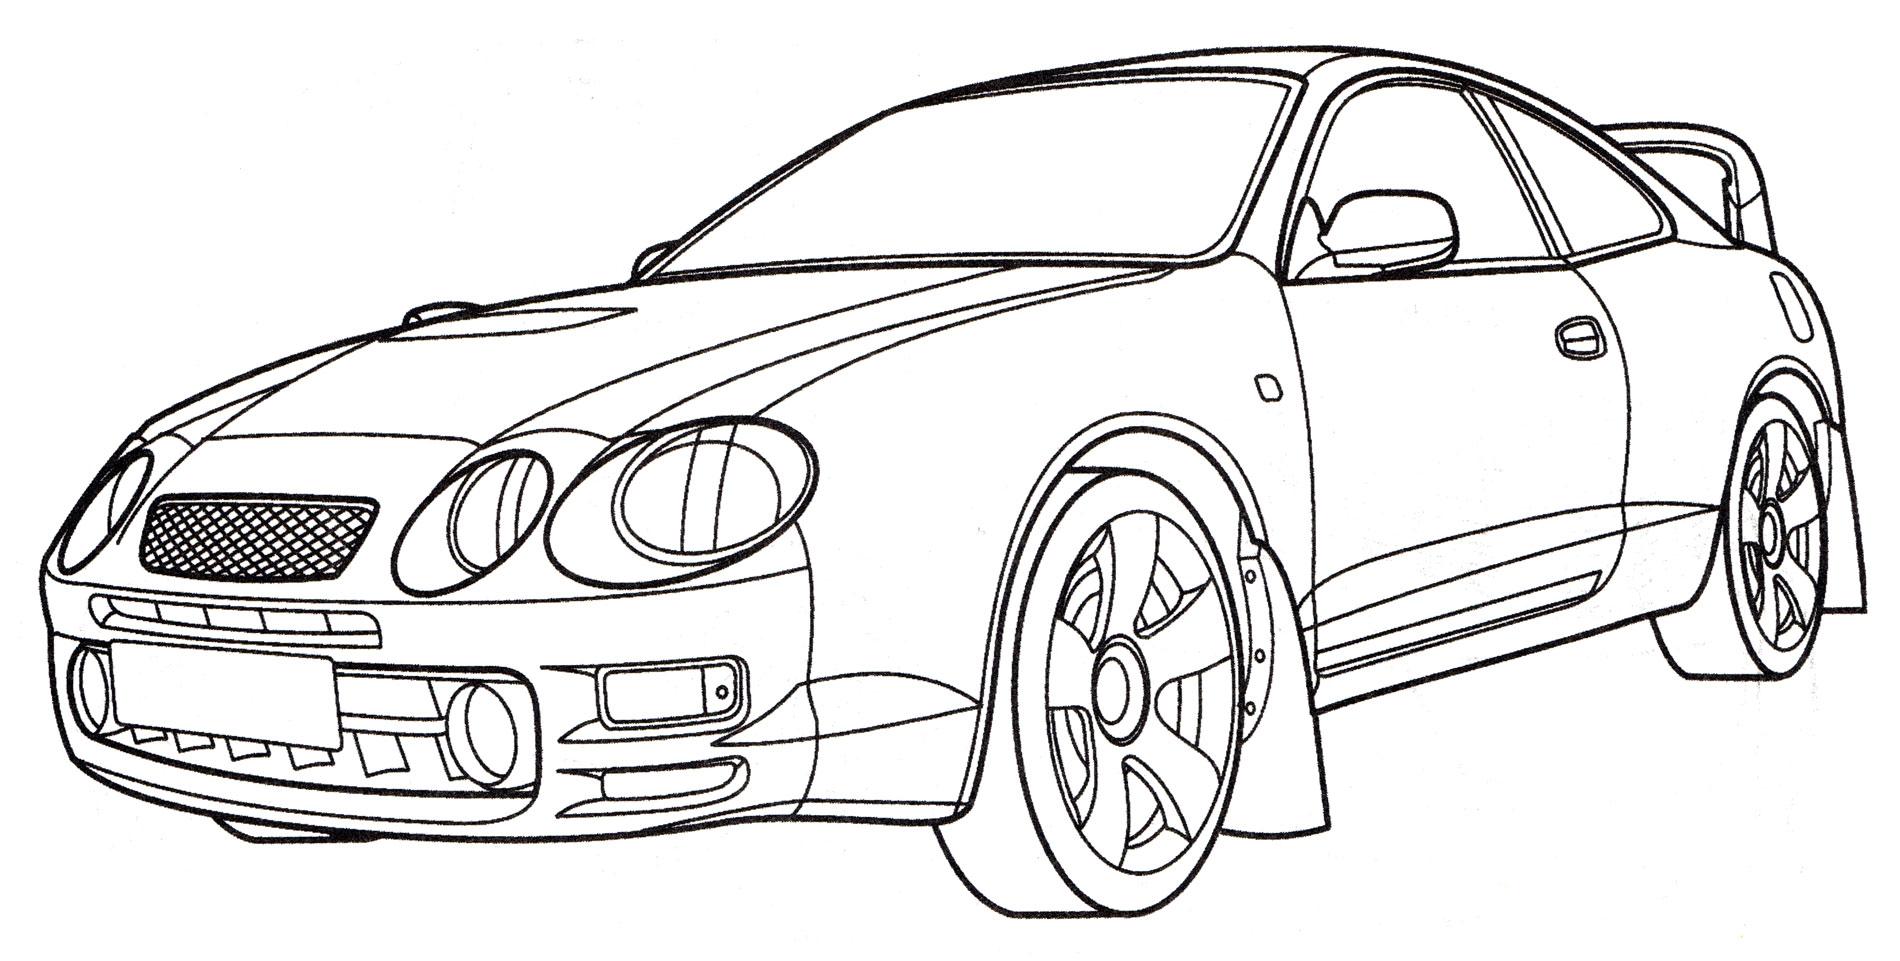 Раскраска тойота Celica, распечатать бесплатно или скачать